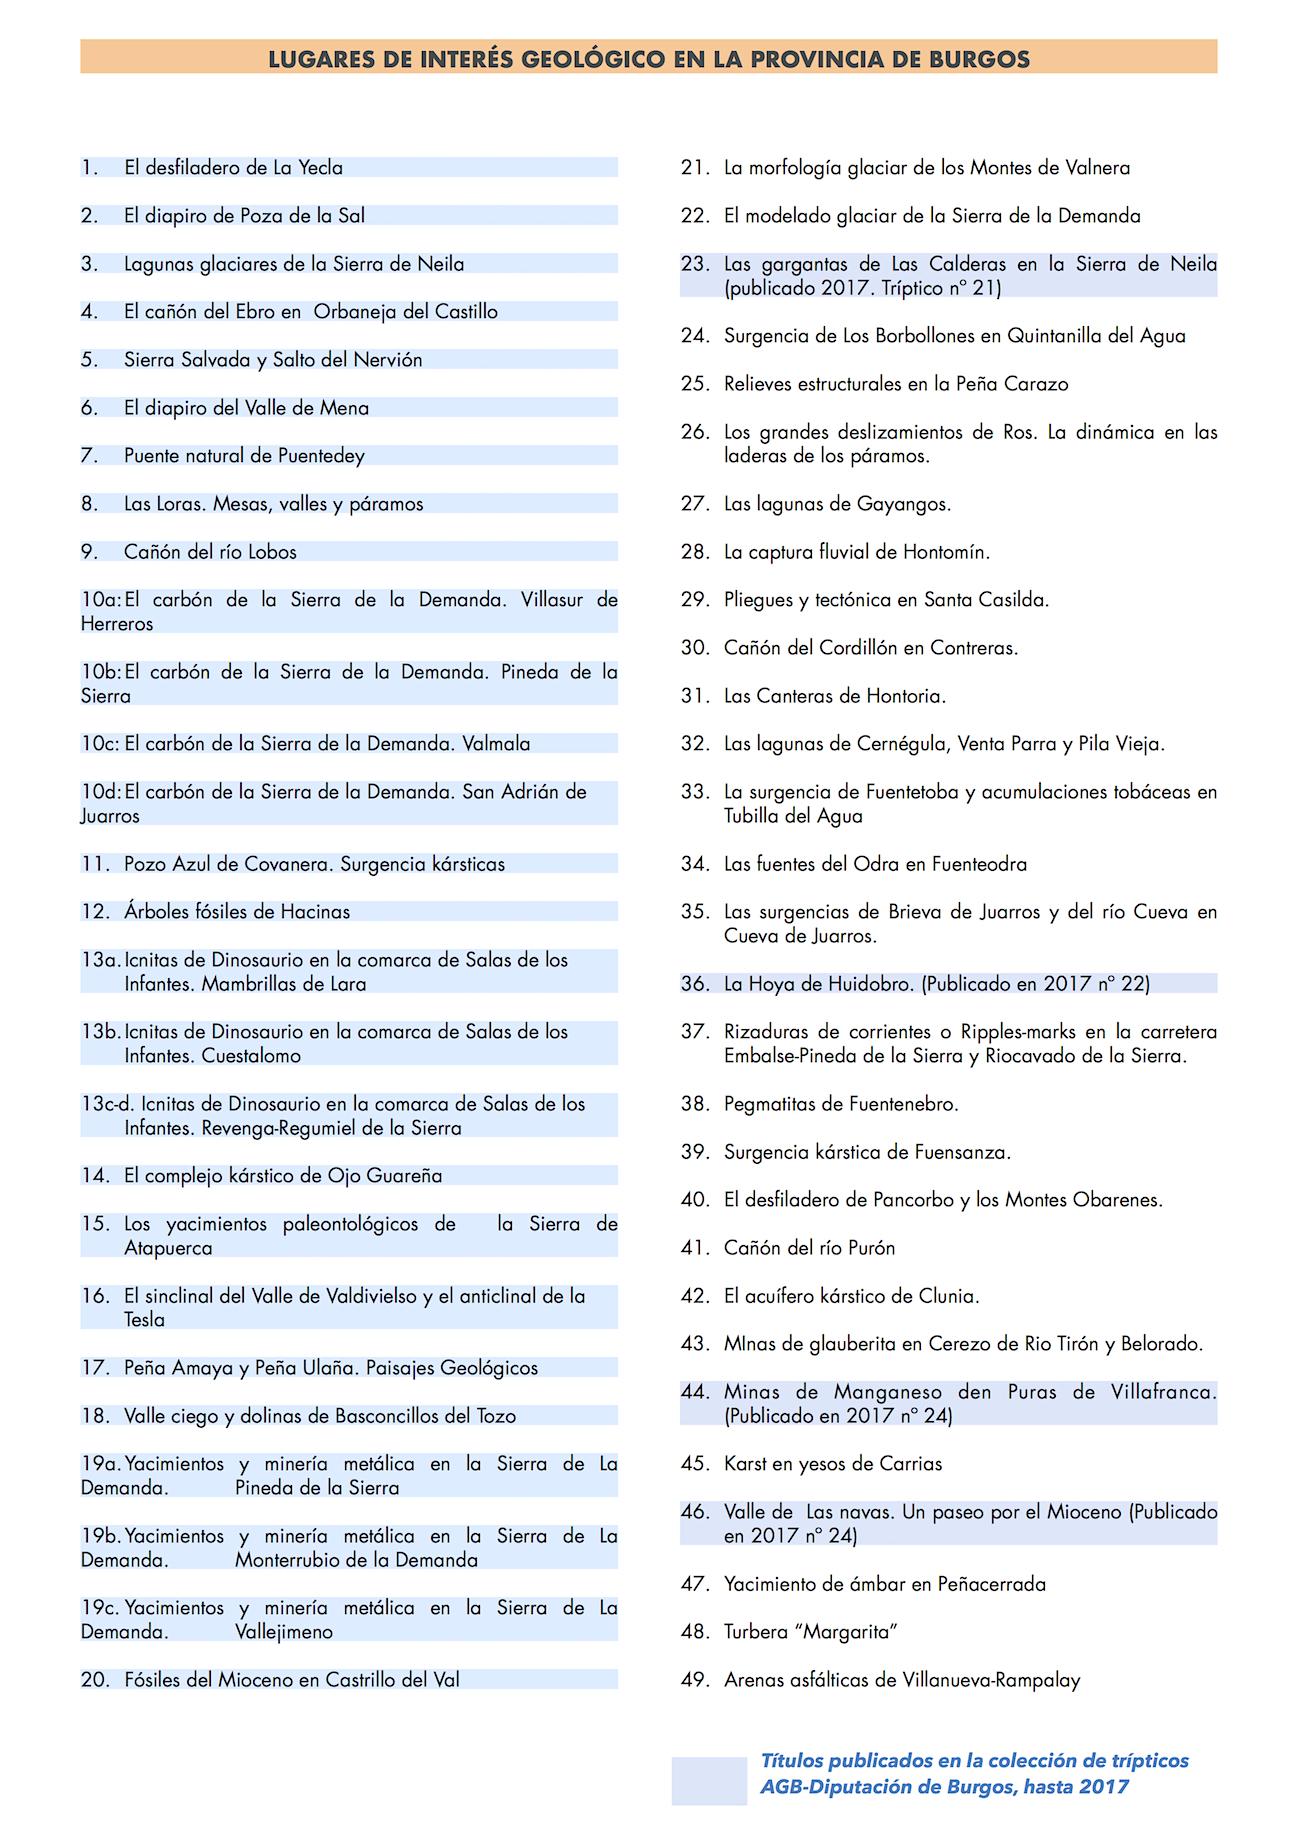 Listado Lugares de Interés geológico de la provincia de Burgos